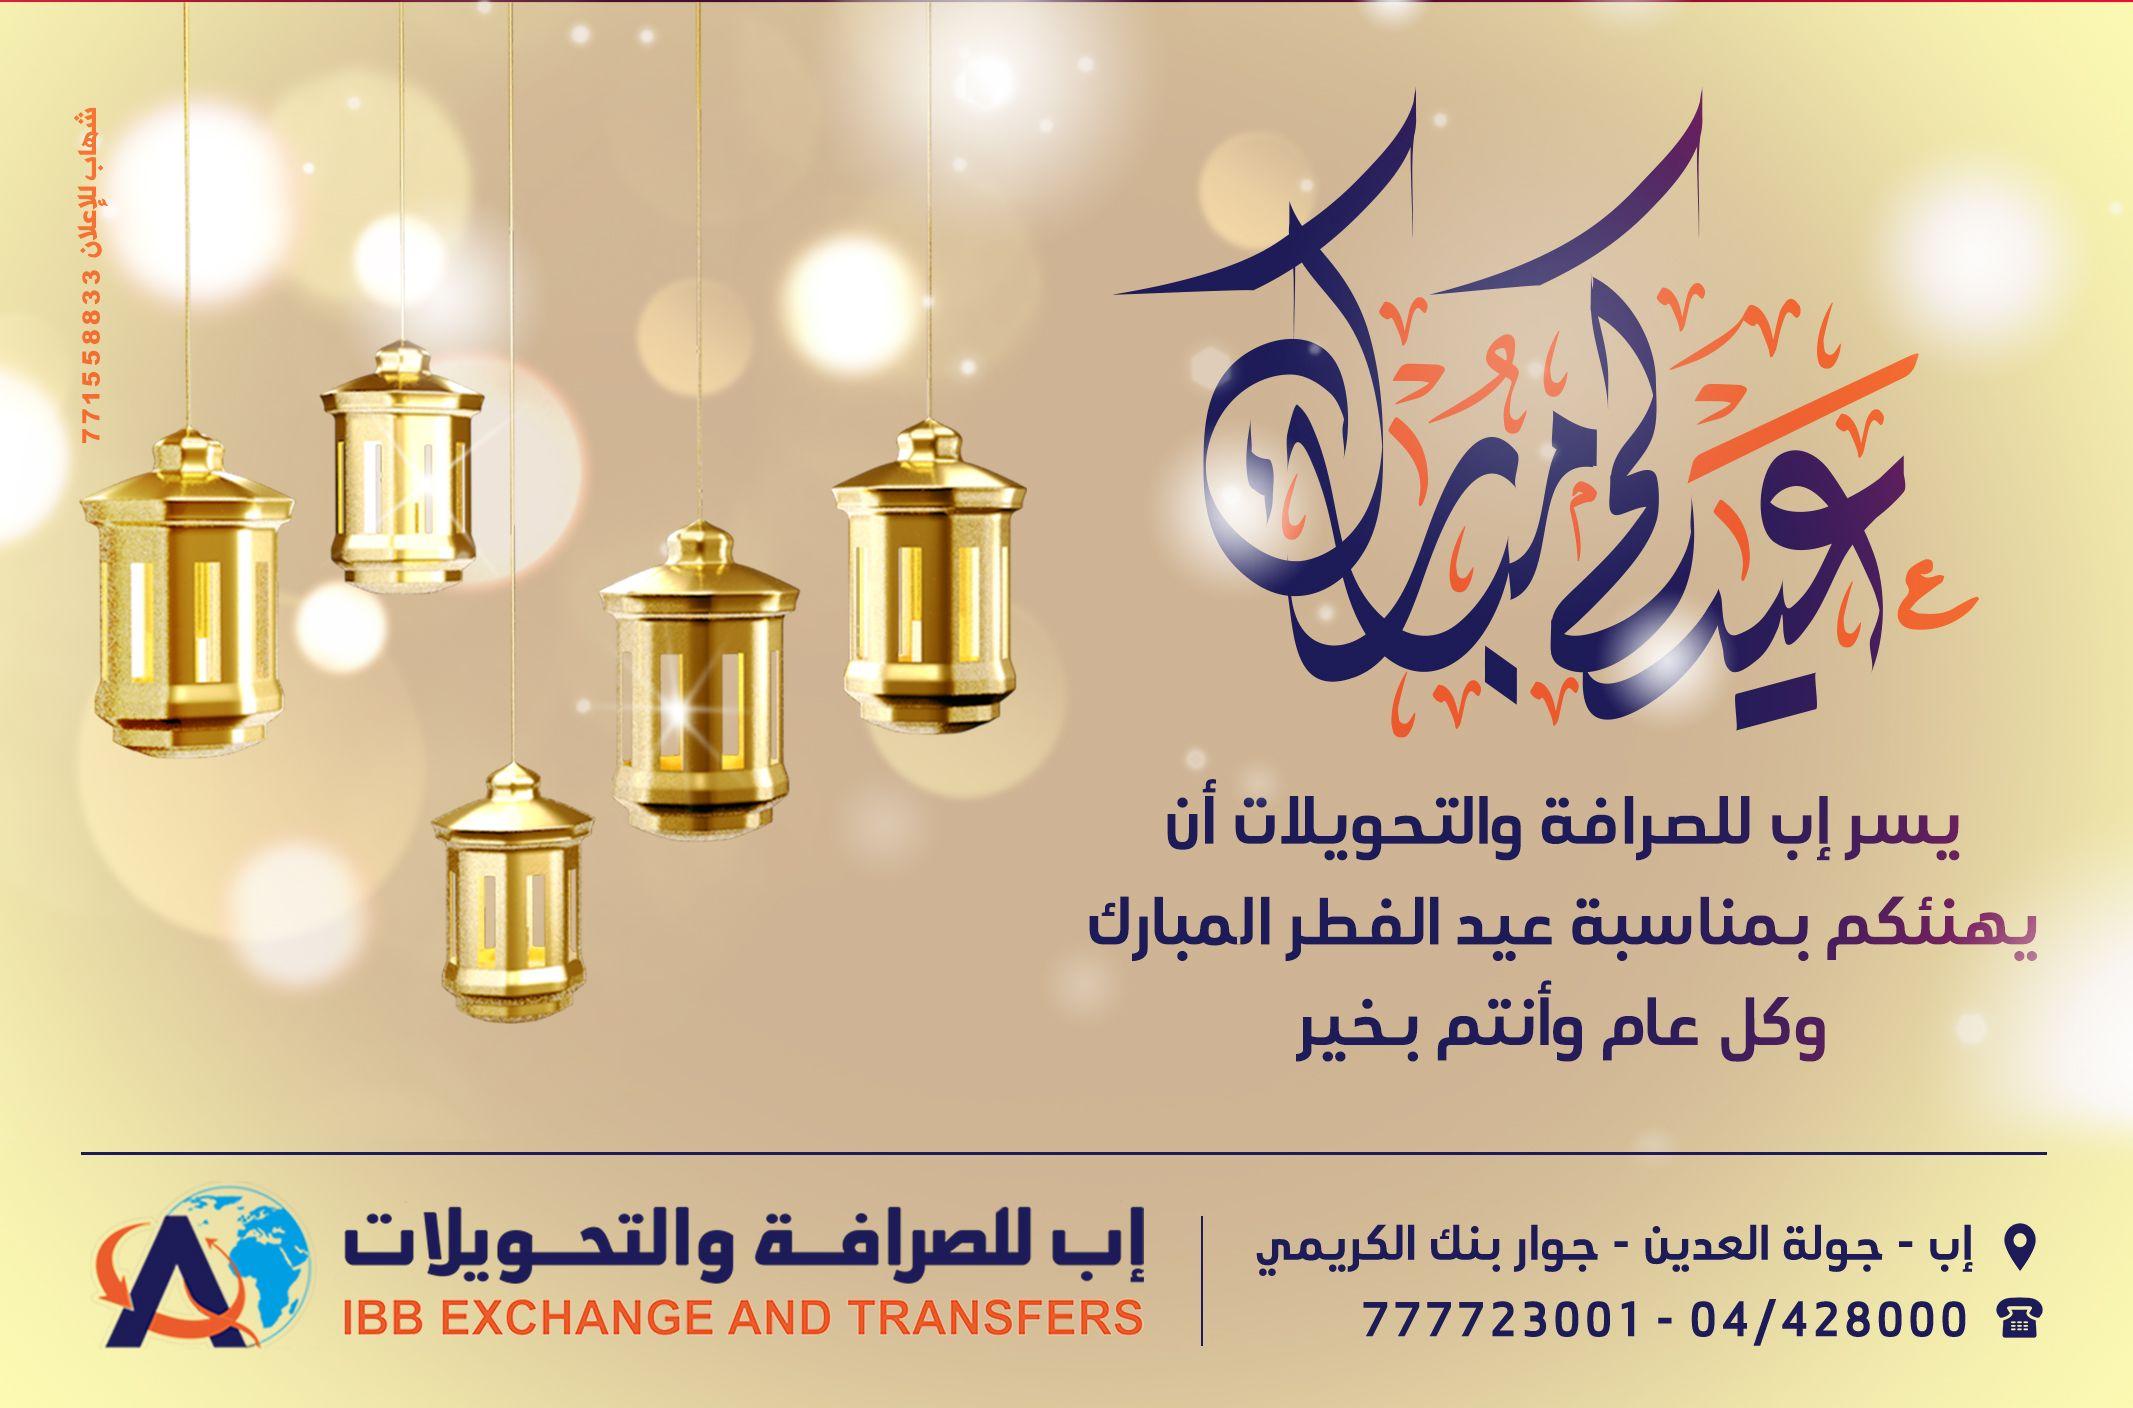 Eid Mubarak Design Indesign Home Decor Decals